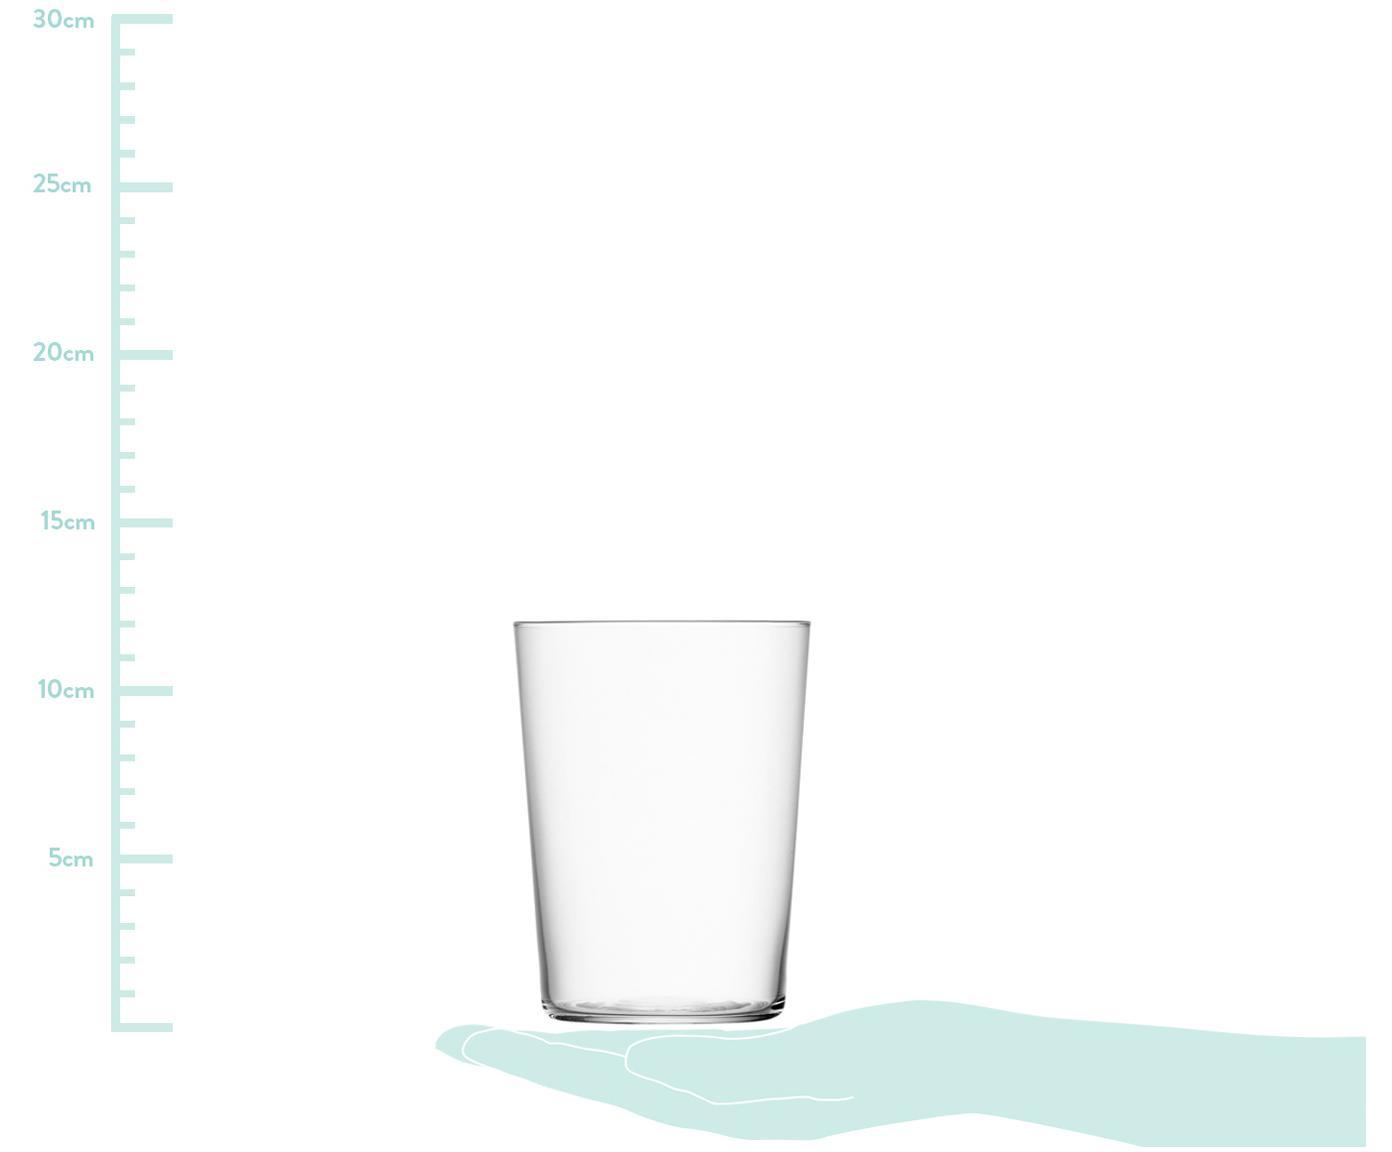 Szklanka do wody Gio, 6 szt., Szkło, Transparentny, Ø 9 x W 12 cm